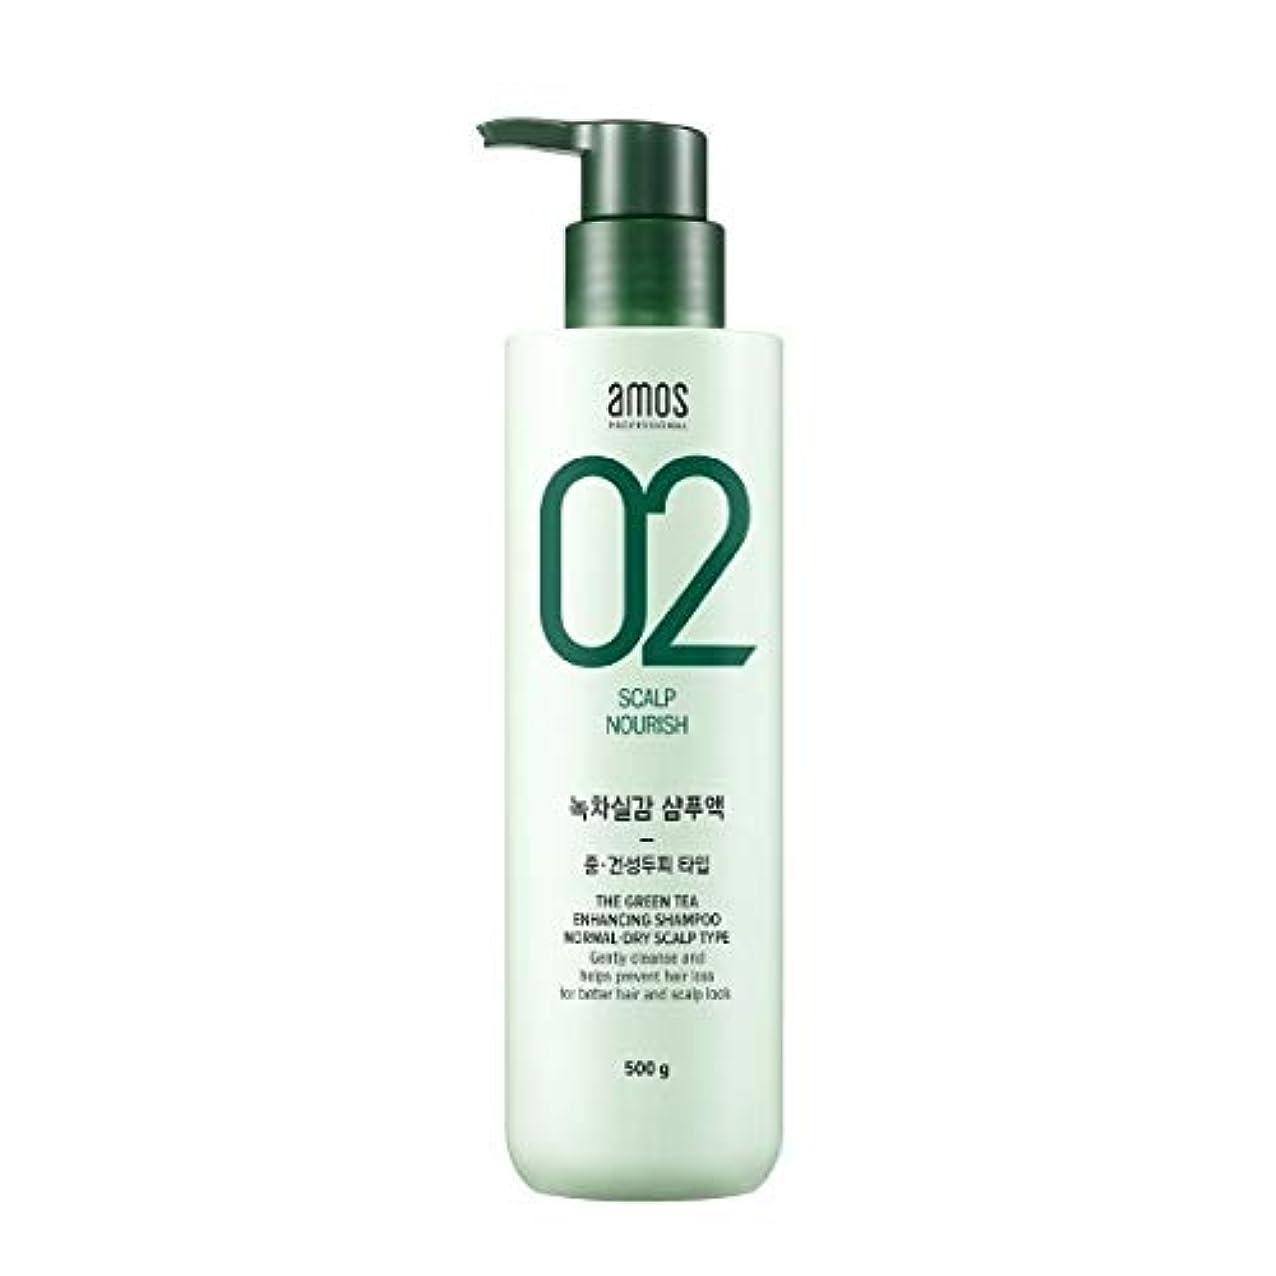 広げるしばしば配管Amos Green Tea Enhancing Shampoo - Normal, Dry 500g / アモス ザ グリーンティー エンハンシング シャンプー # ノーマルドライ スカルプタイプ [並行輸入品]